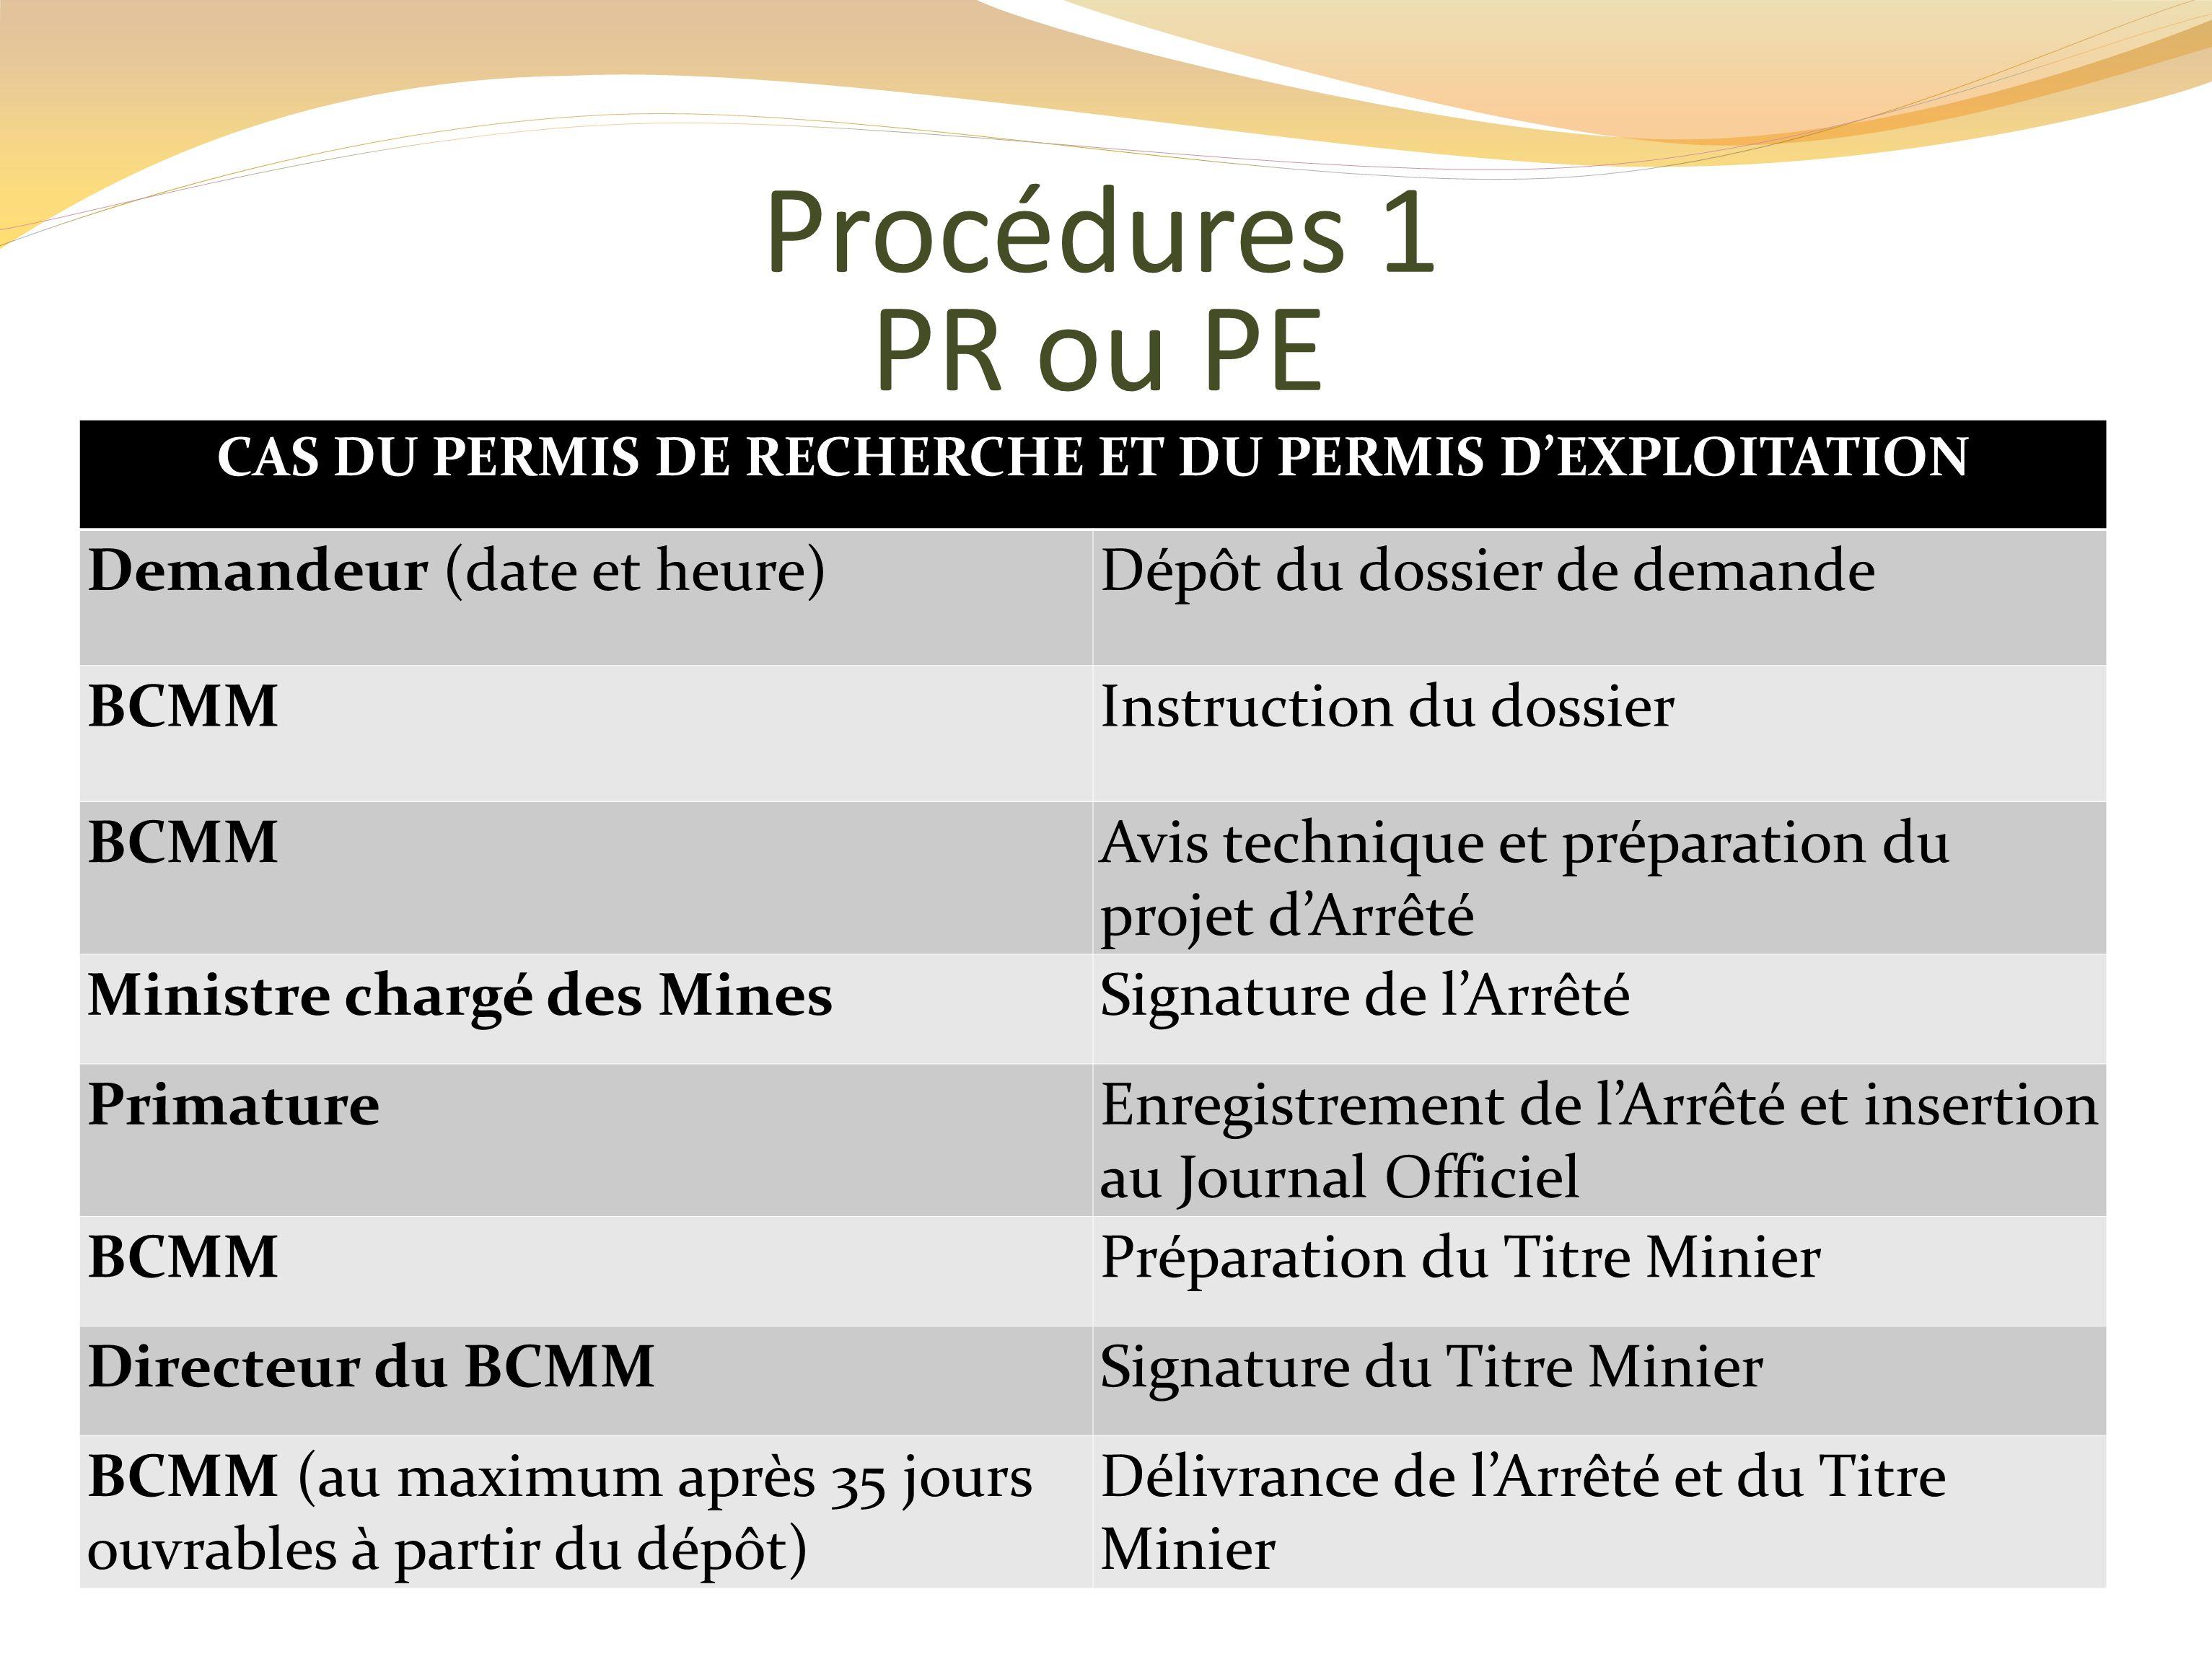 CAS DU PERMIS DE RECHERCHE ET DU PERMIS D'EXPLOITATION